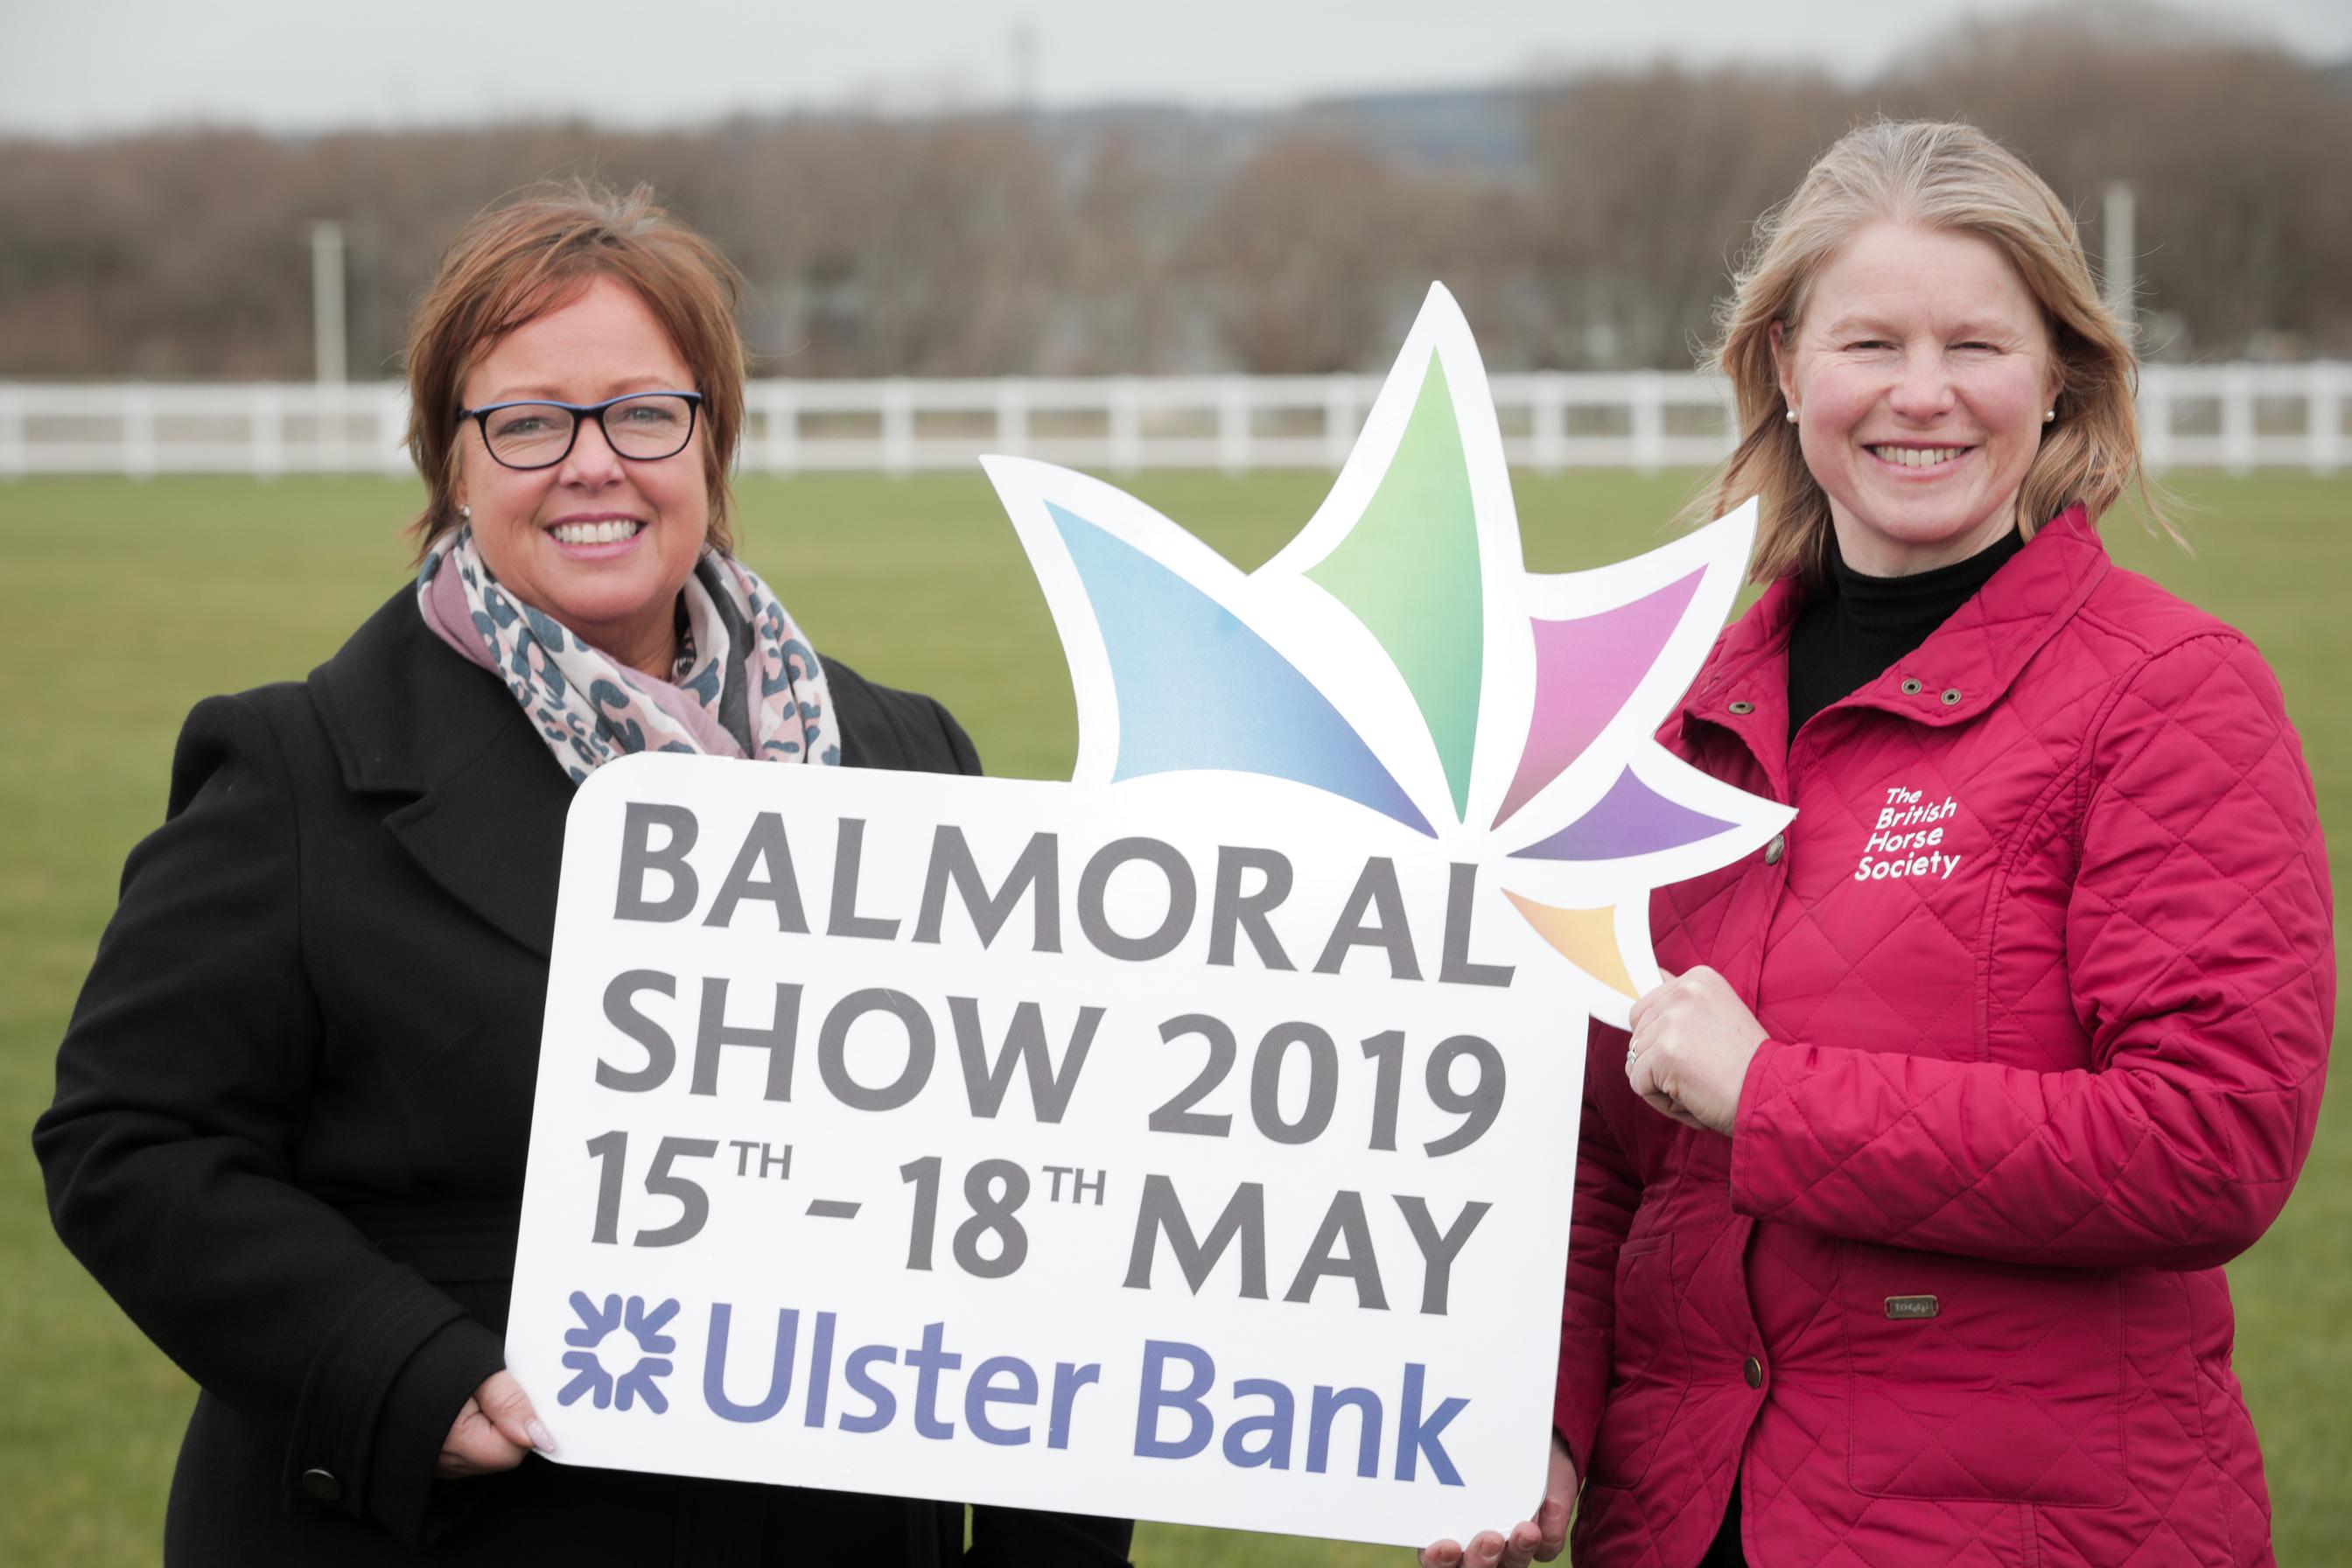 British Horse Society to sponsor at Balmoral Show 20